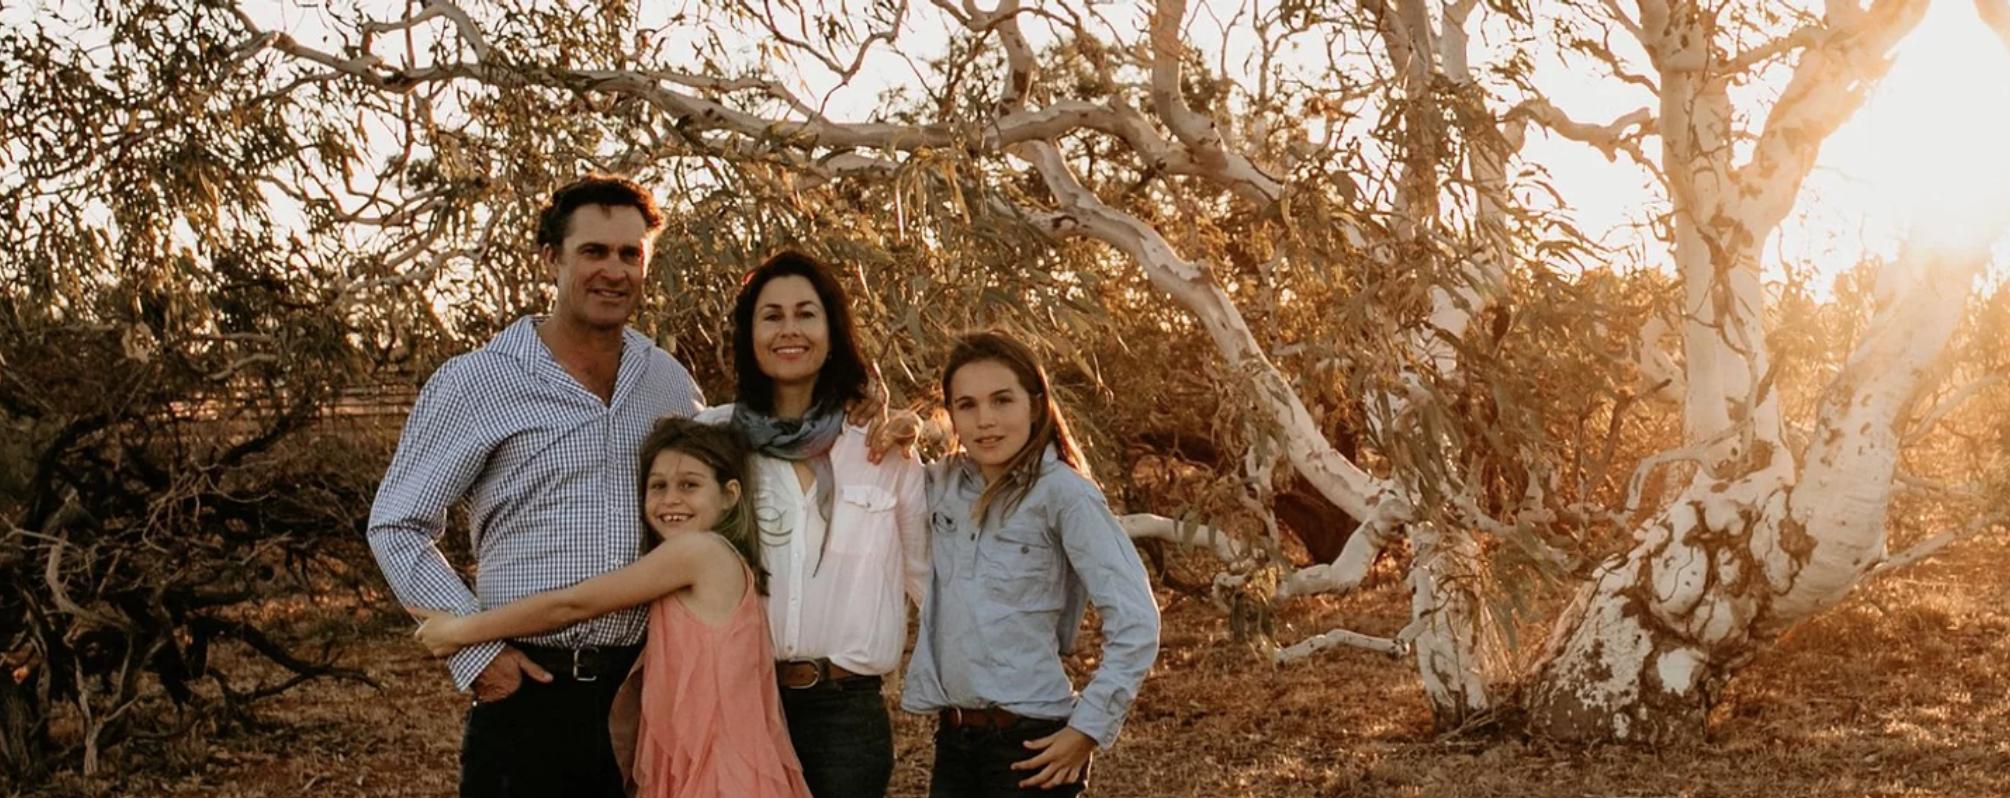 Shallcross Family